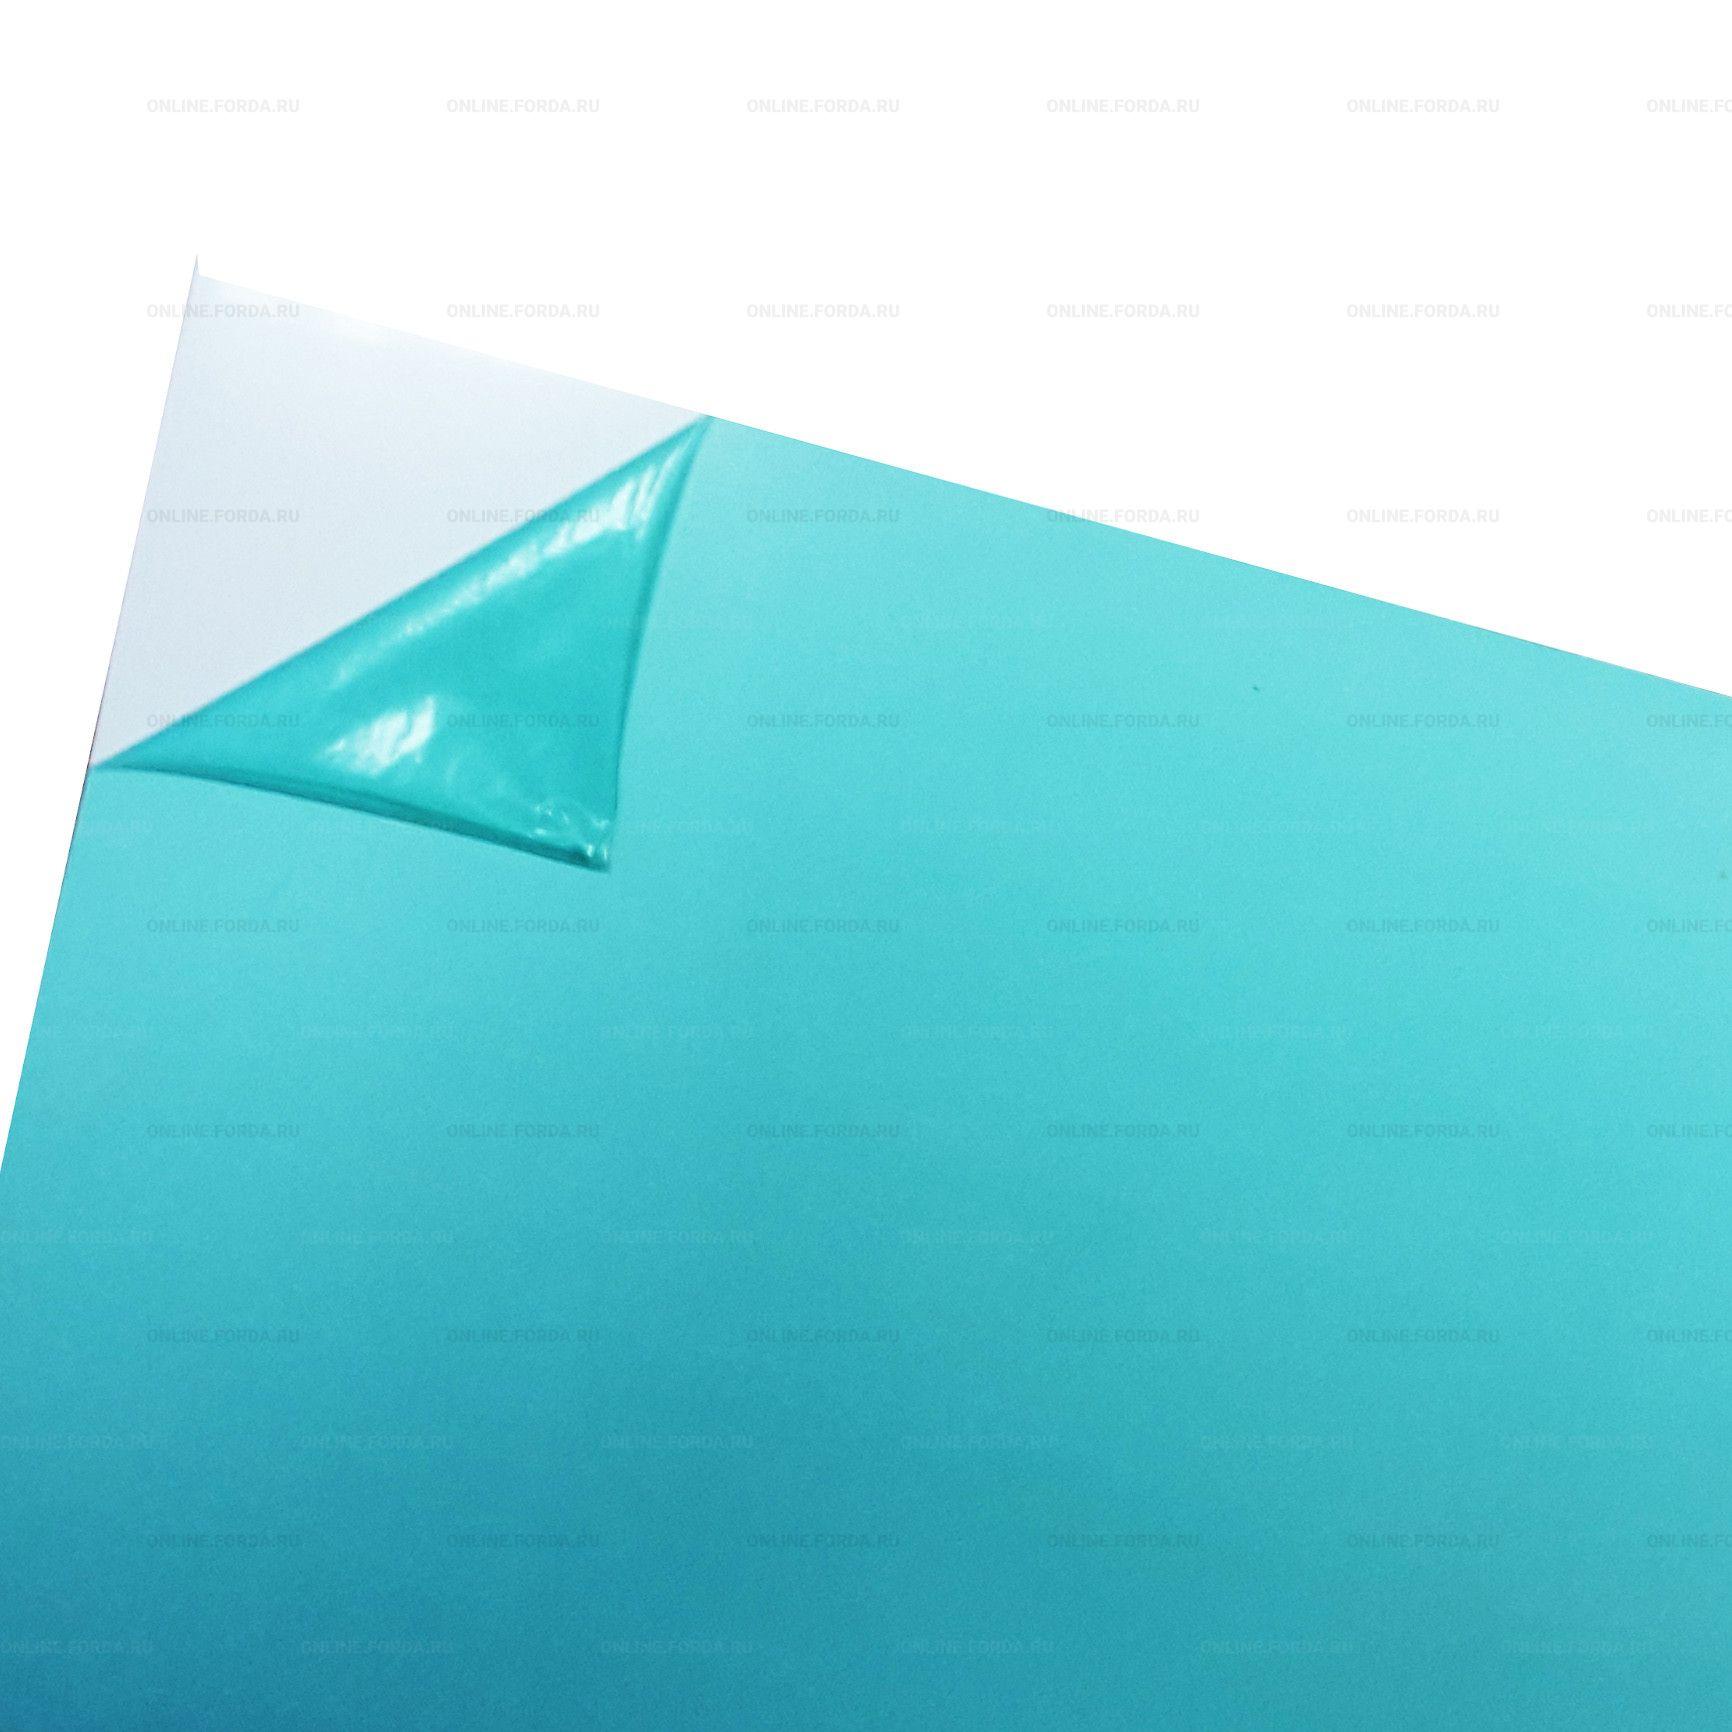 Лист жесткого ПВХ RS-Rigid 8.0мм (пл. 1,50)